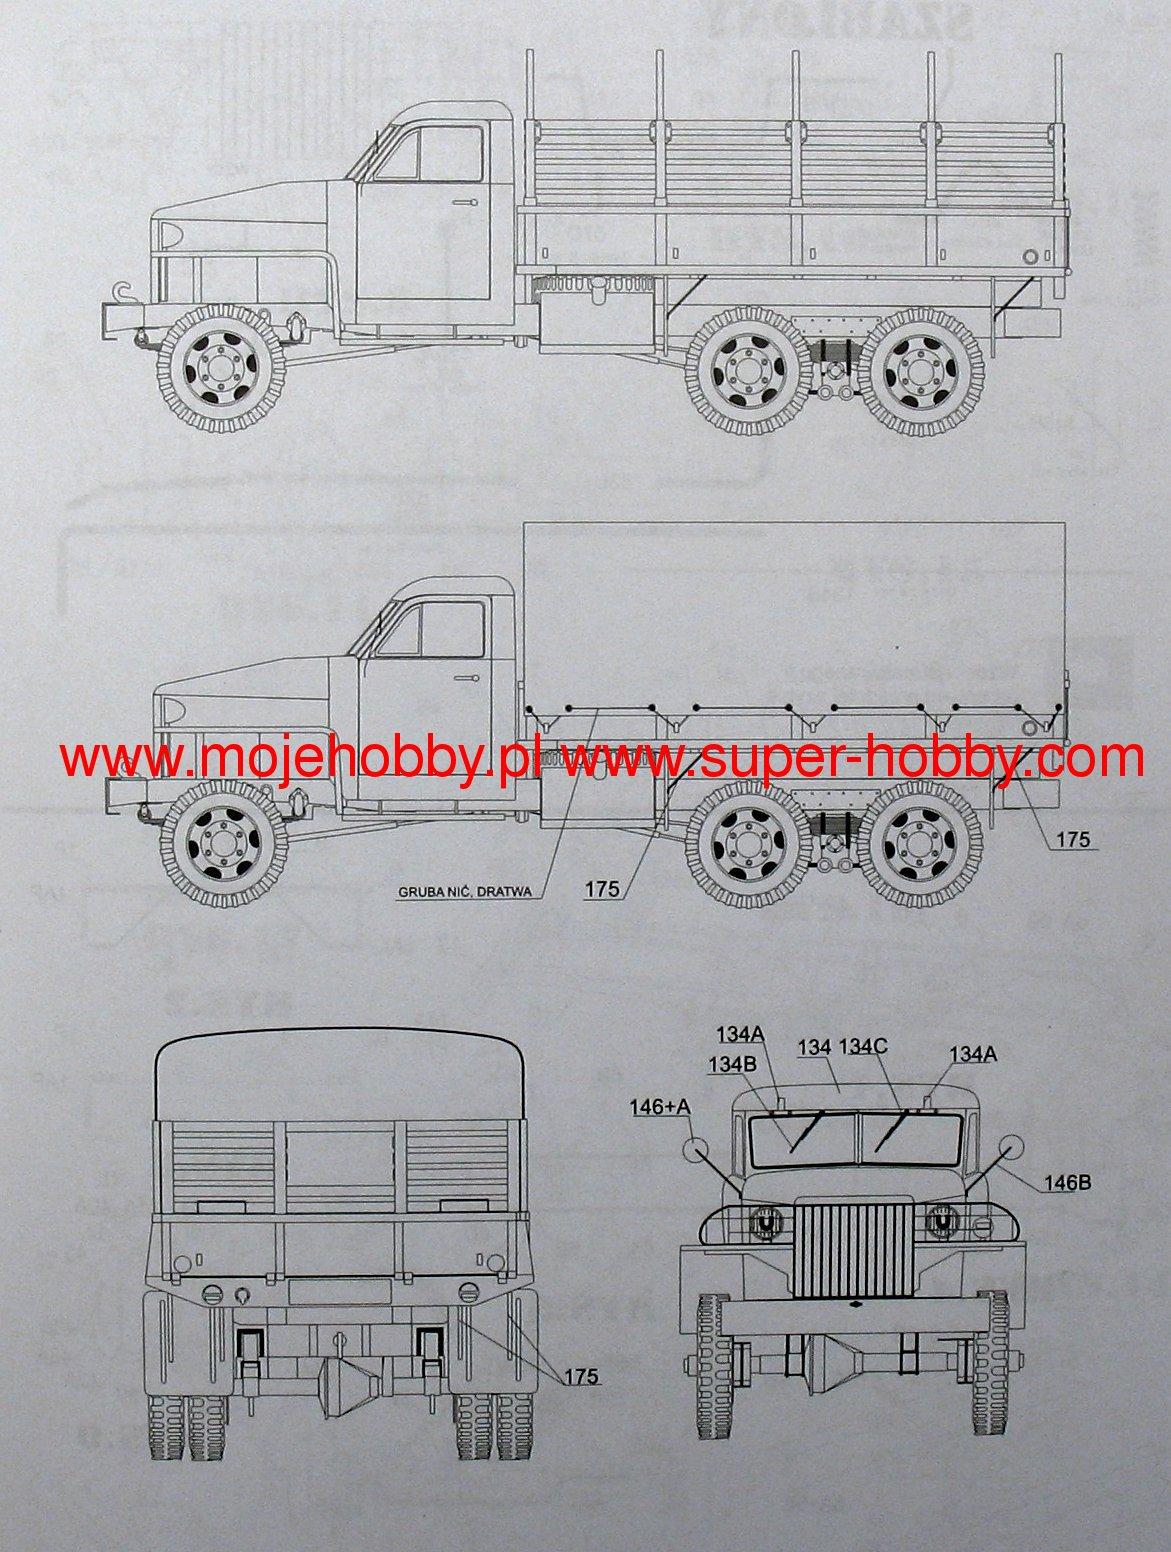 Us 6 Studebaker Gpm Wrgi Detale Komplet 0372k Engine Diagrams 2 Gpm0372k 8